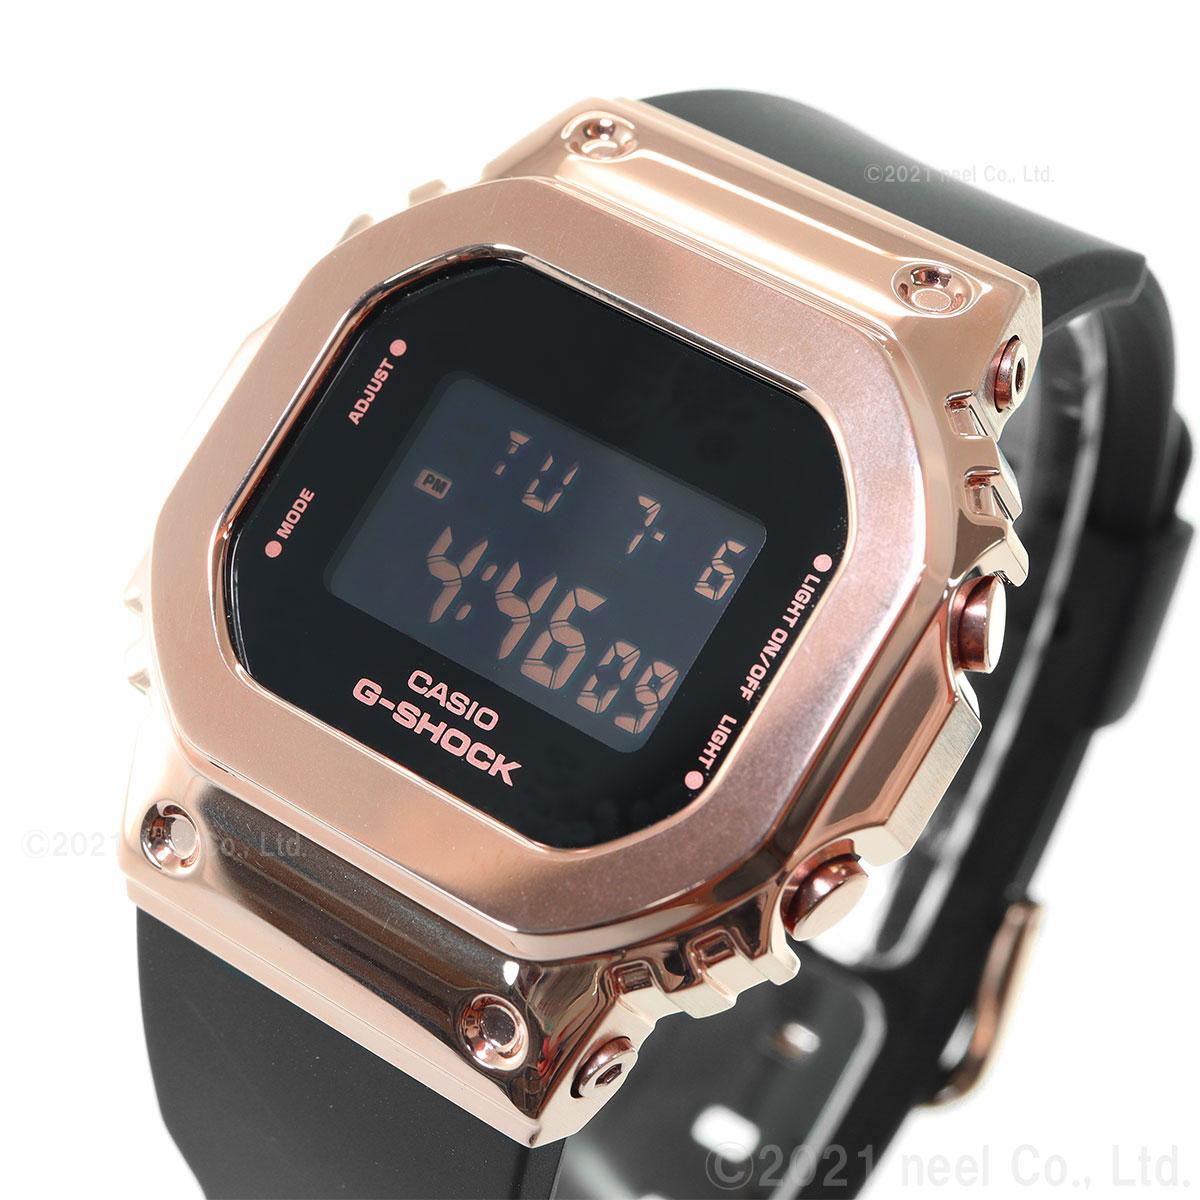 G-SHOCK デジタル 5600 カシオ Gショック CASIO 腕時計 メンズ レディース GM-S5600PG-1JF